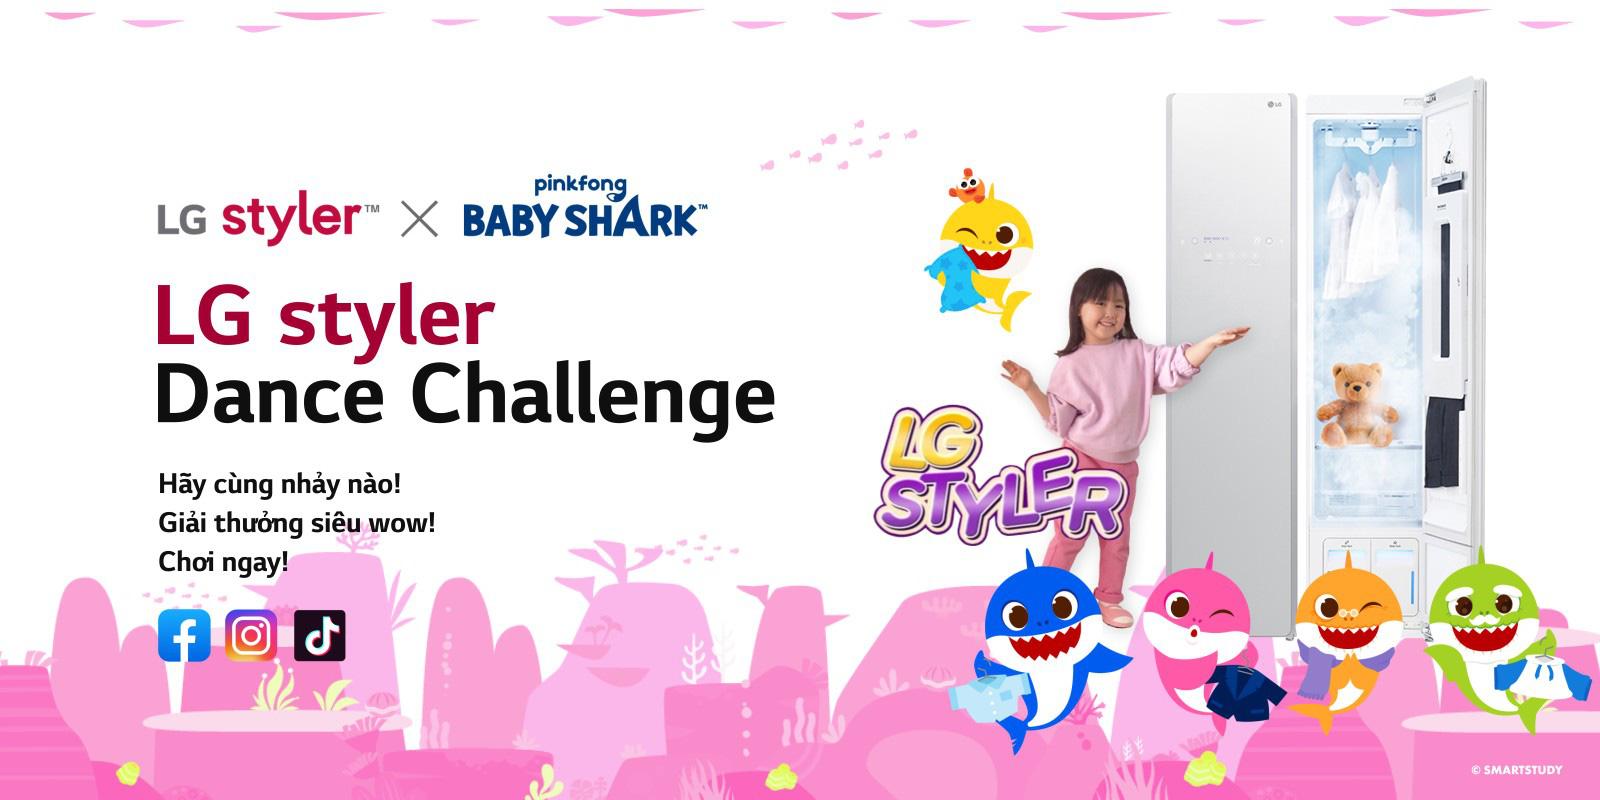 Bạn đã lỡ mất một trò vui nếu chưa tham gia cover điệu nhảy Pinkfong Baby Shark X LG Styler - Ảnh 4.